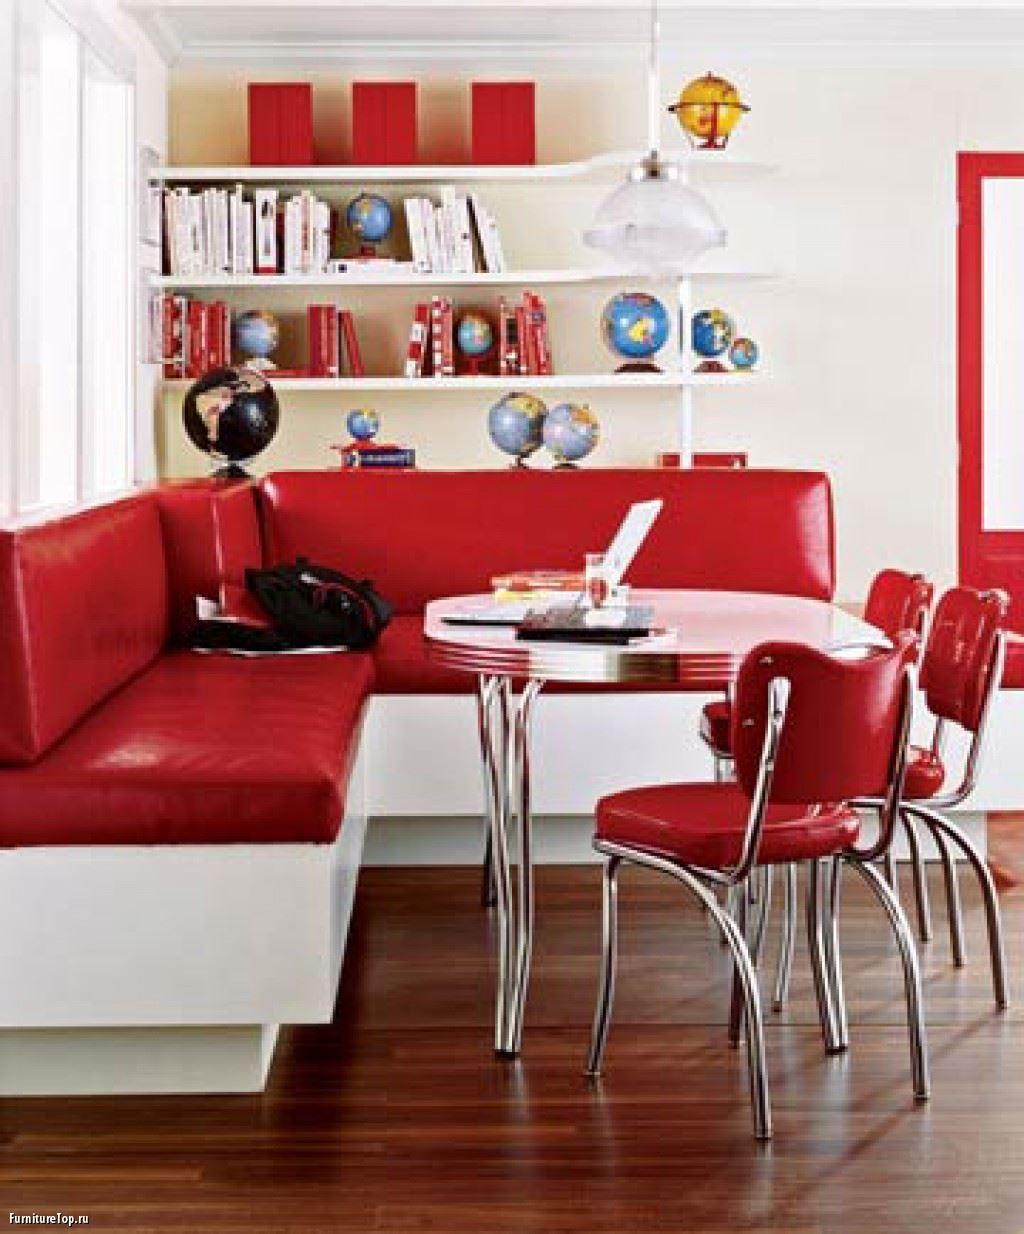 Кожаный диван в интерьере кухни (7)